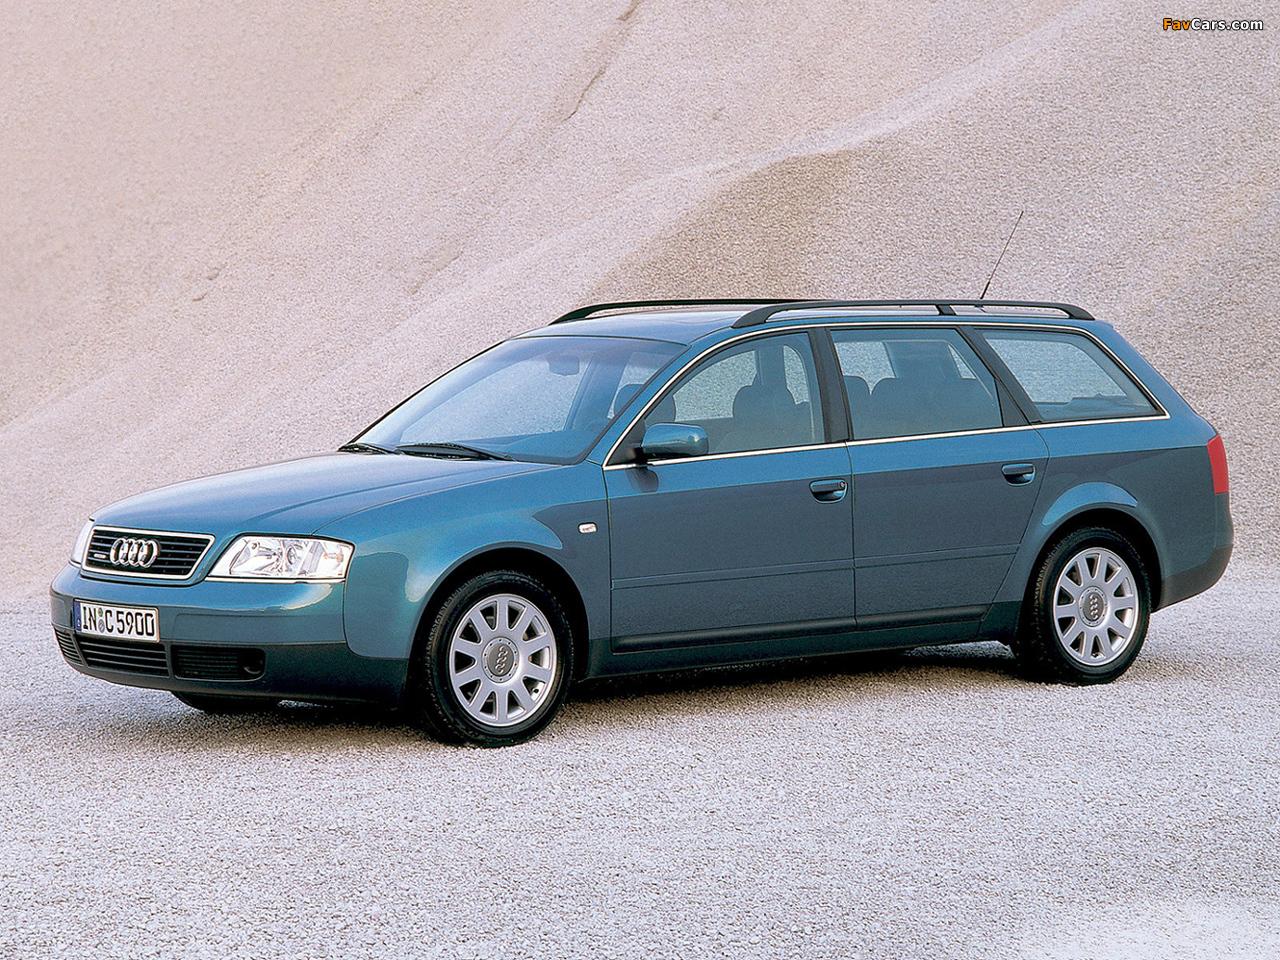 Photos Of Audi A6 2 8 Quattro Avant 4b C5 1998 2001